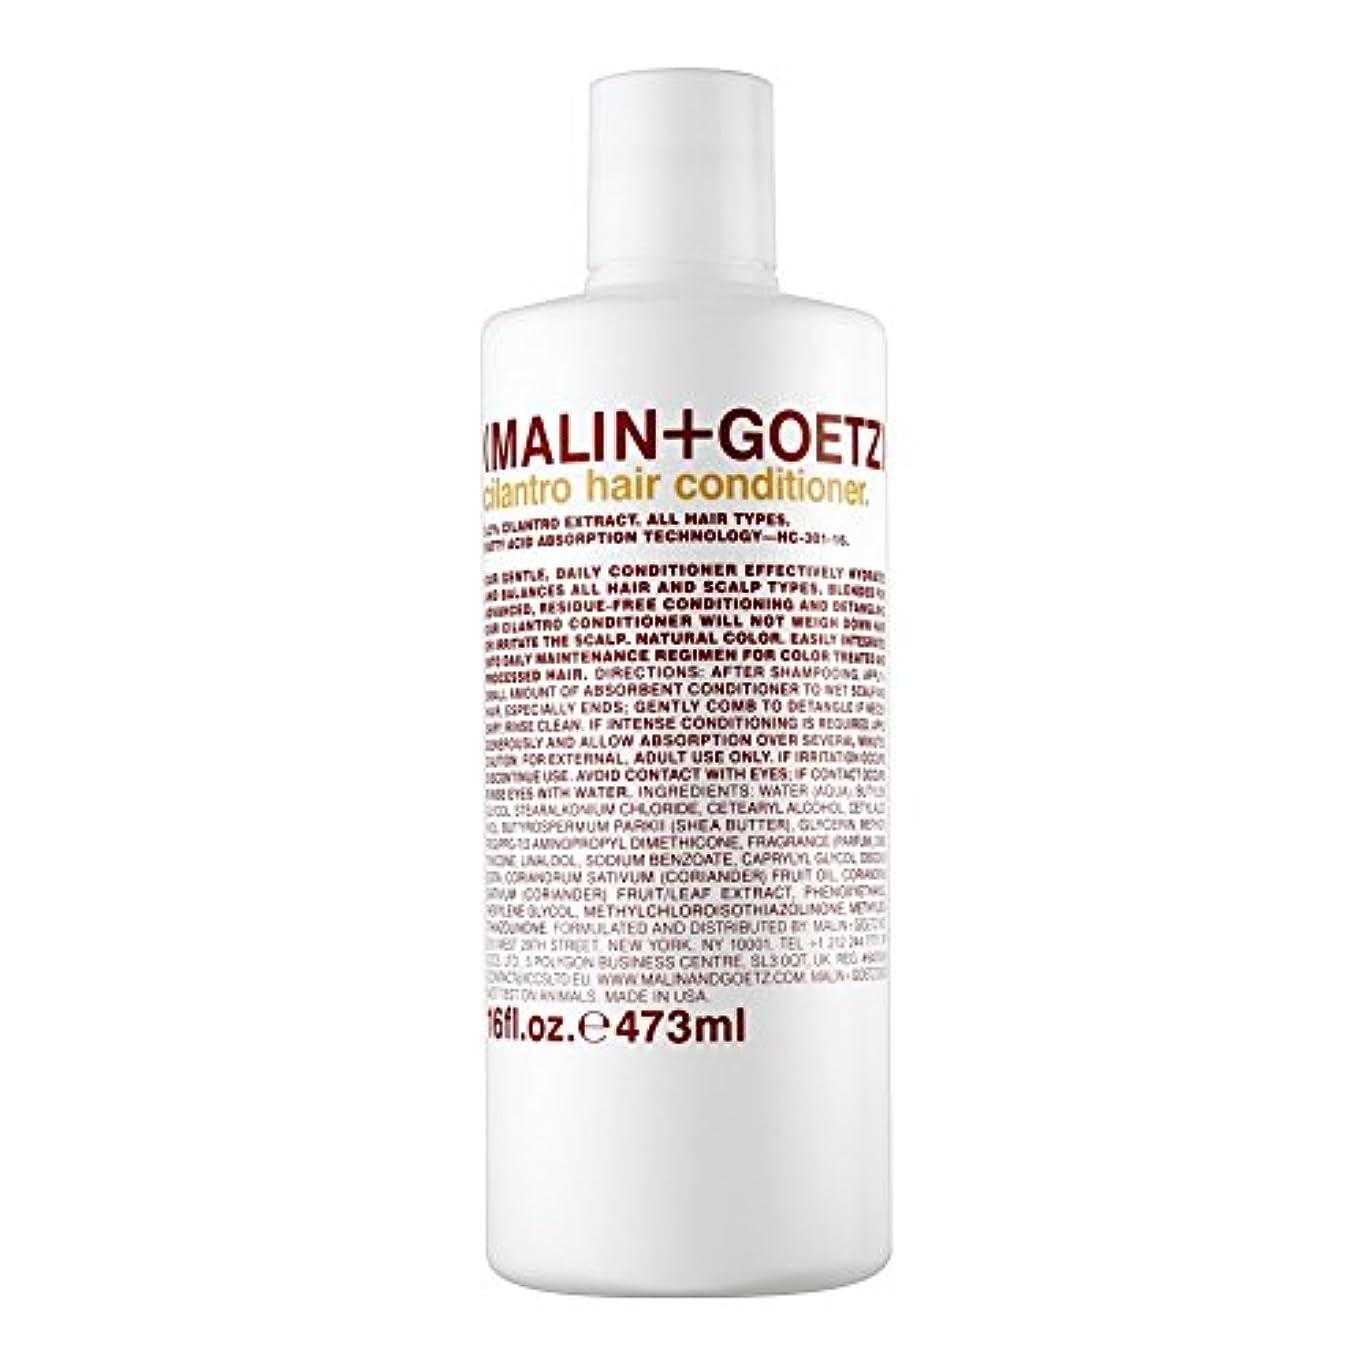 マリン+ゲッツコリアンダーのヘアコンディショナー473ミリリットル x4 - MALIN+GOETZ Cilantro Hair Conditioner 473ml (Pack of 4) [並行輸入品]